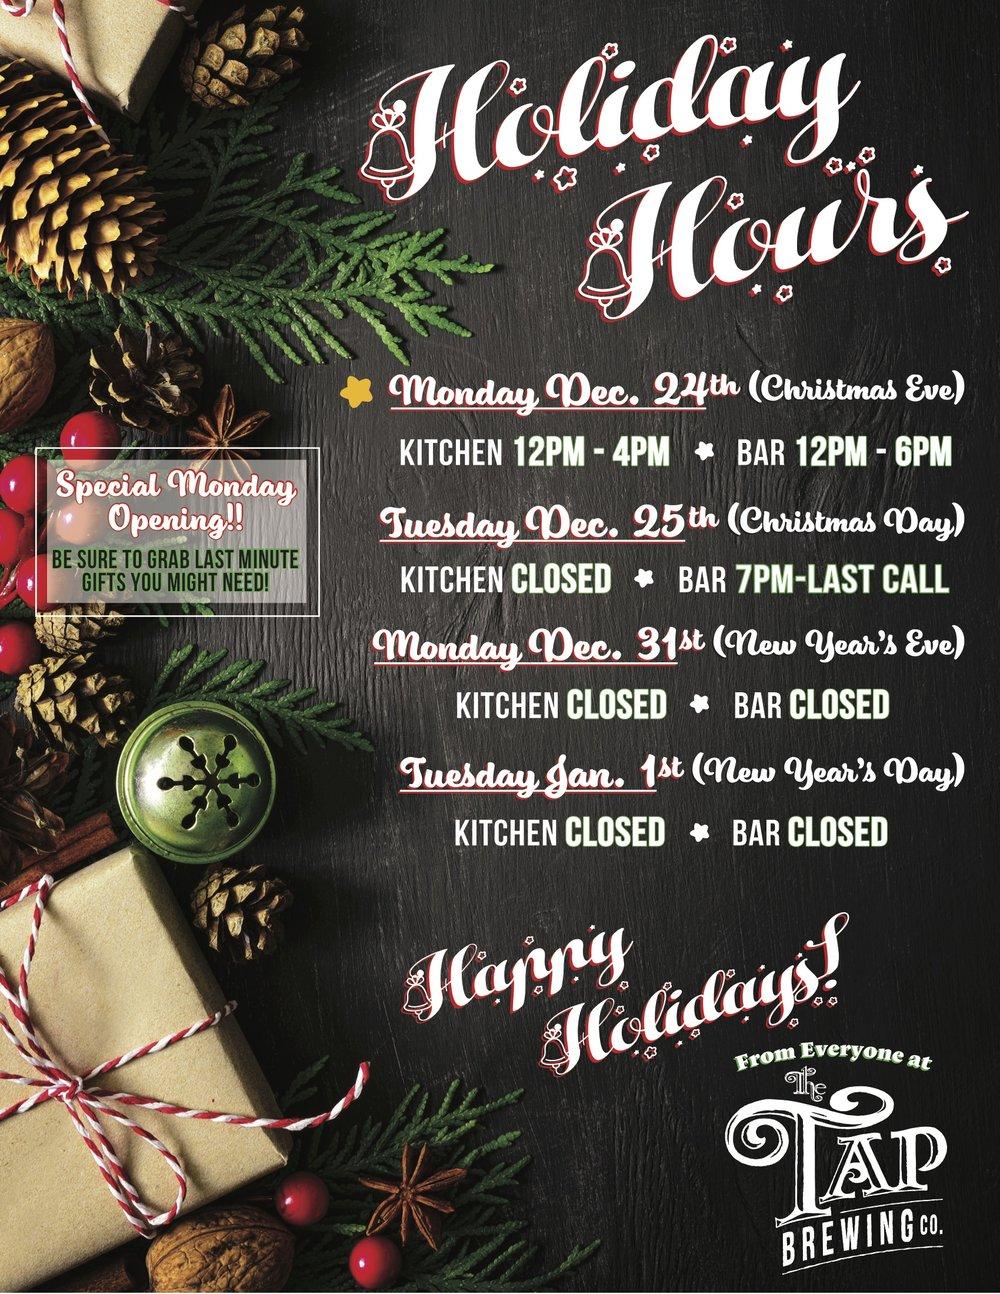 HolidayHours2018.jpg